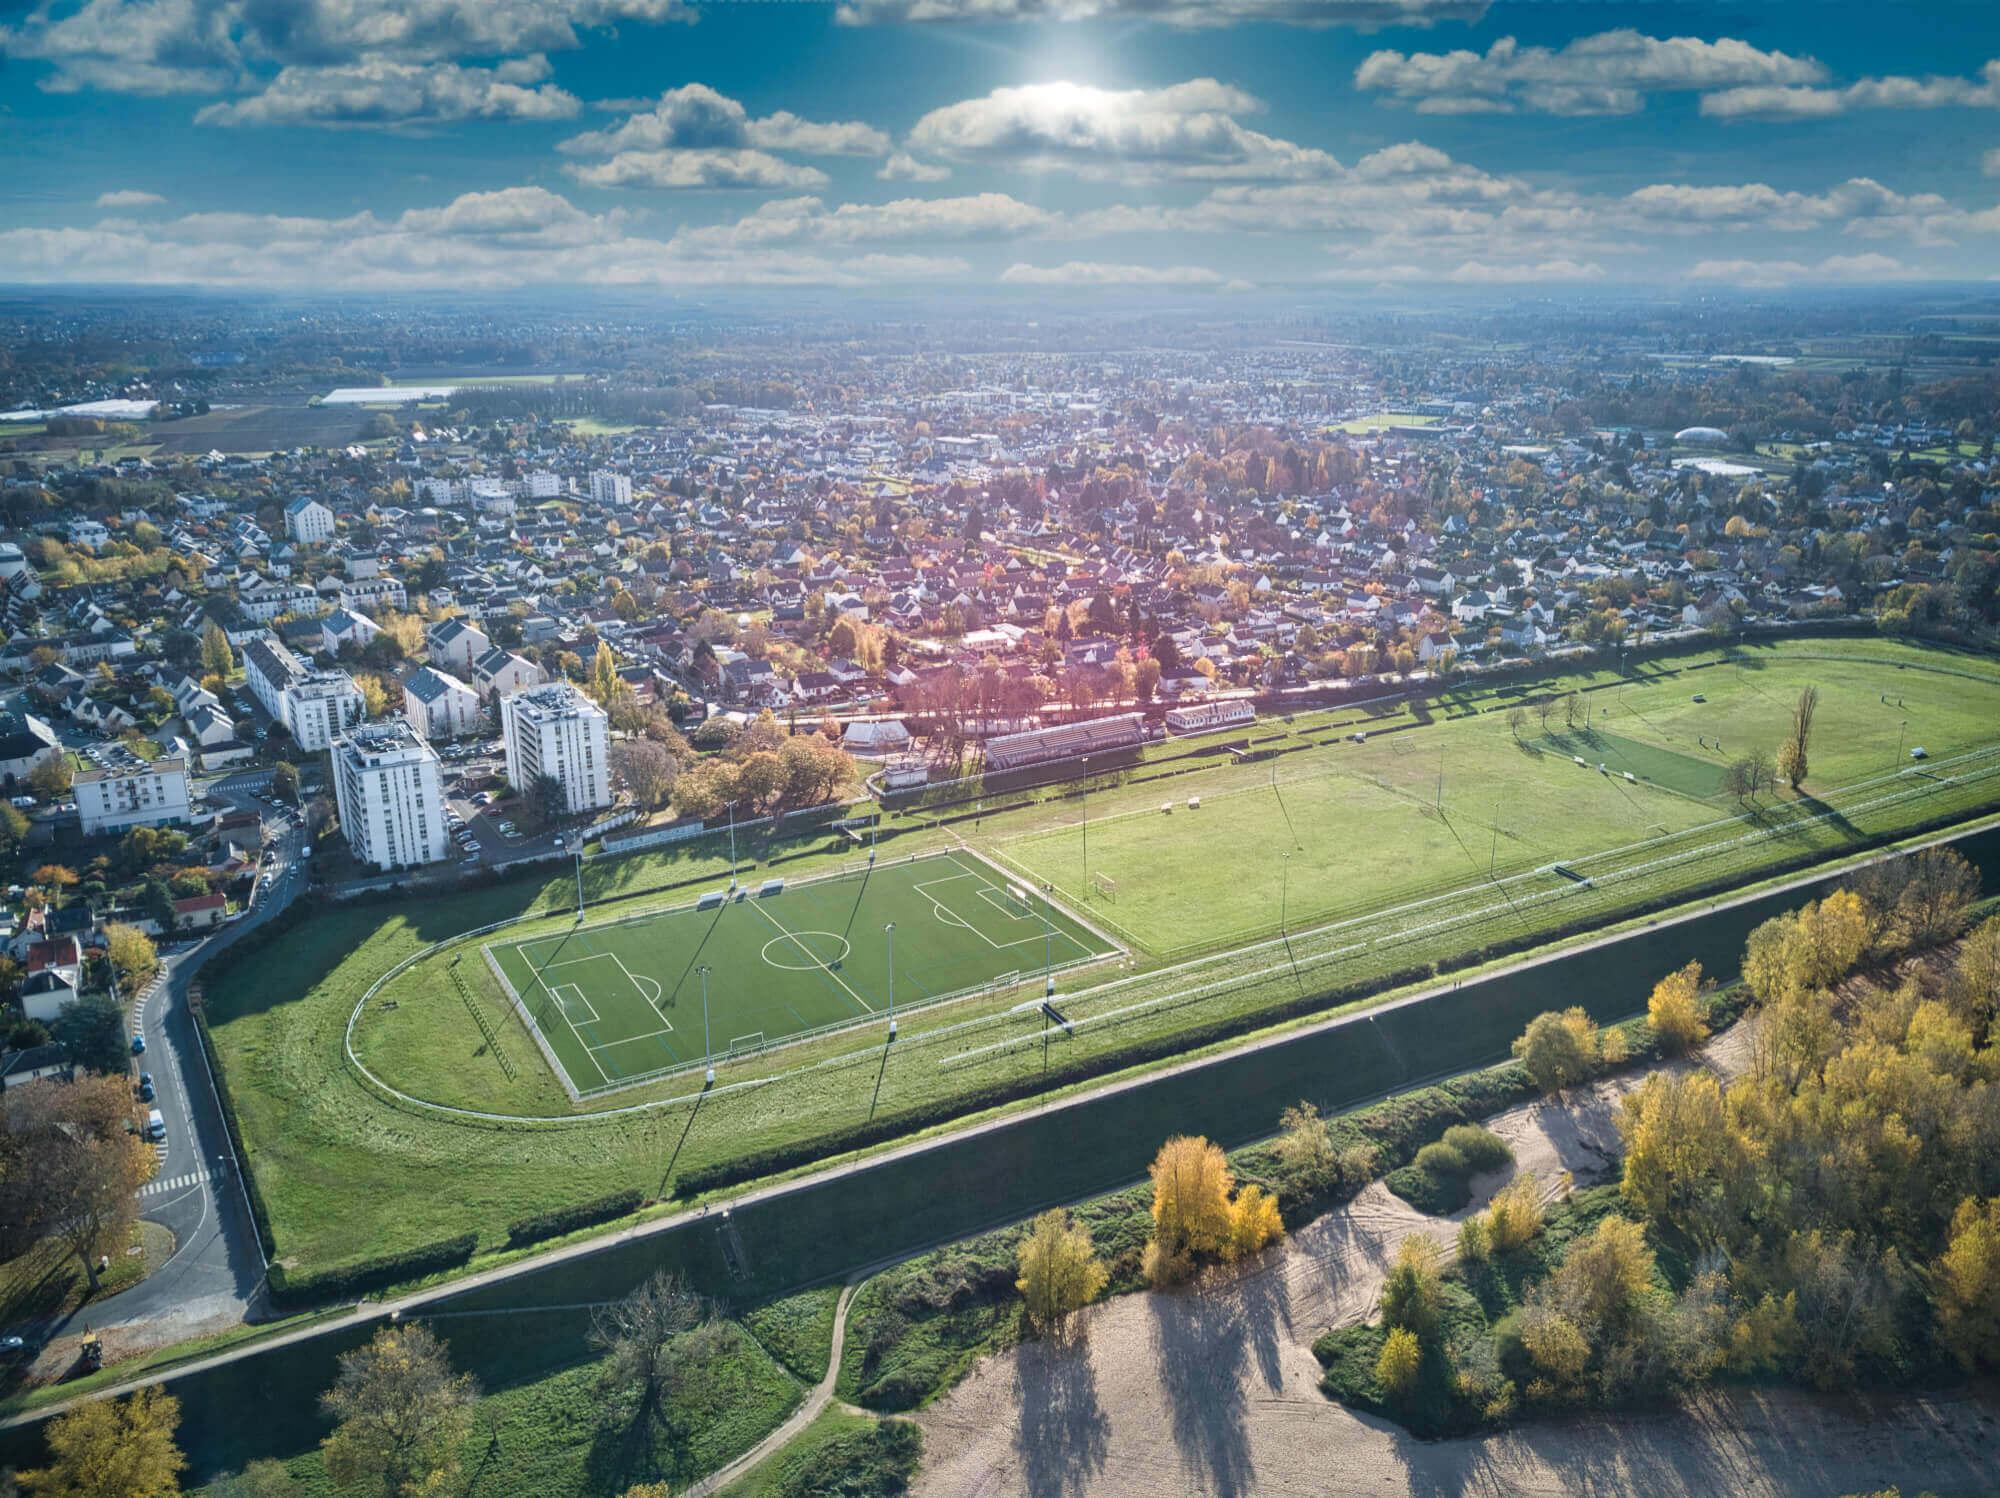 Hippodrome d'Orléans vu de drone en automne